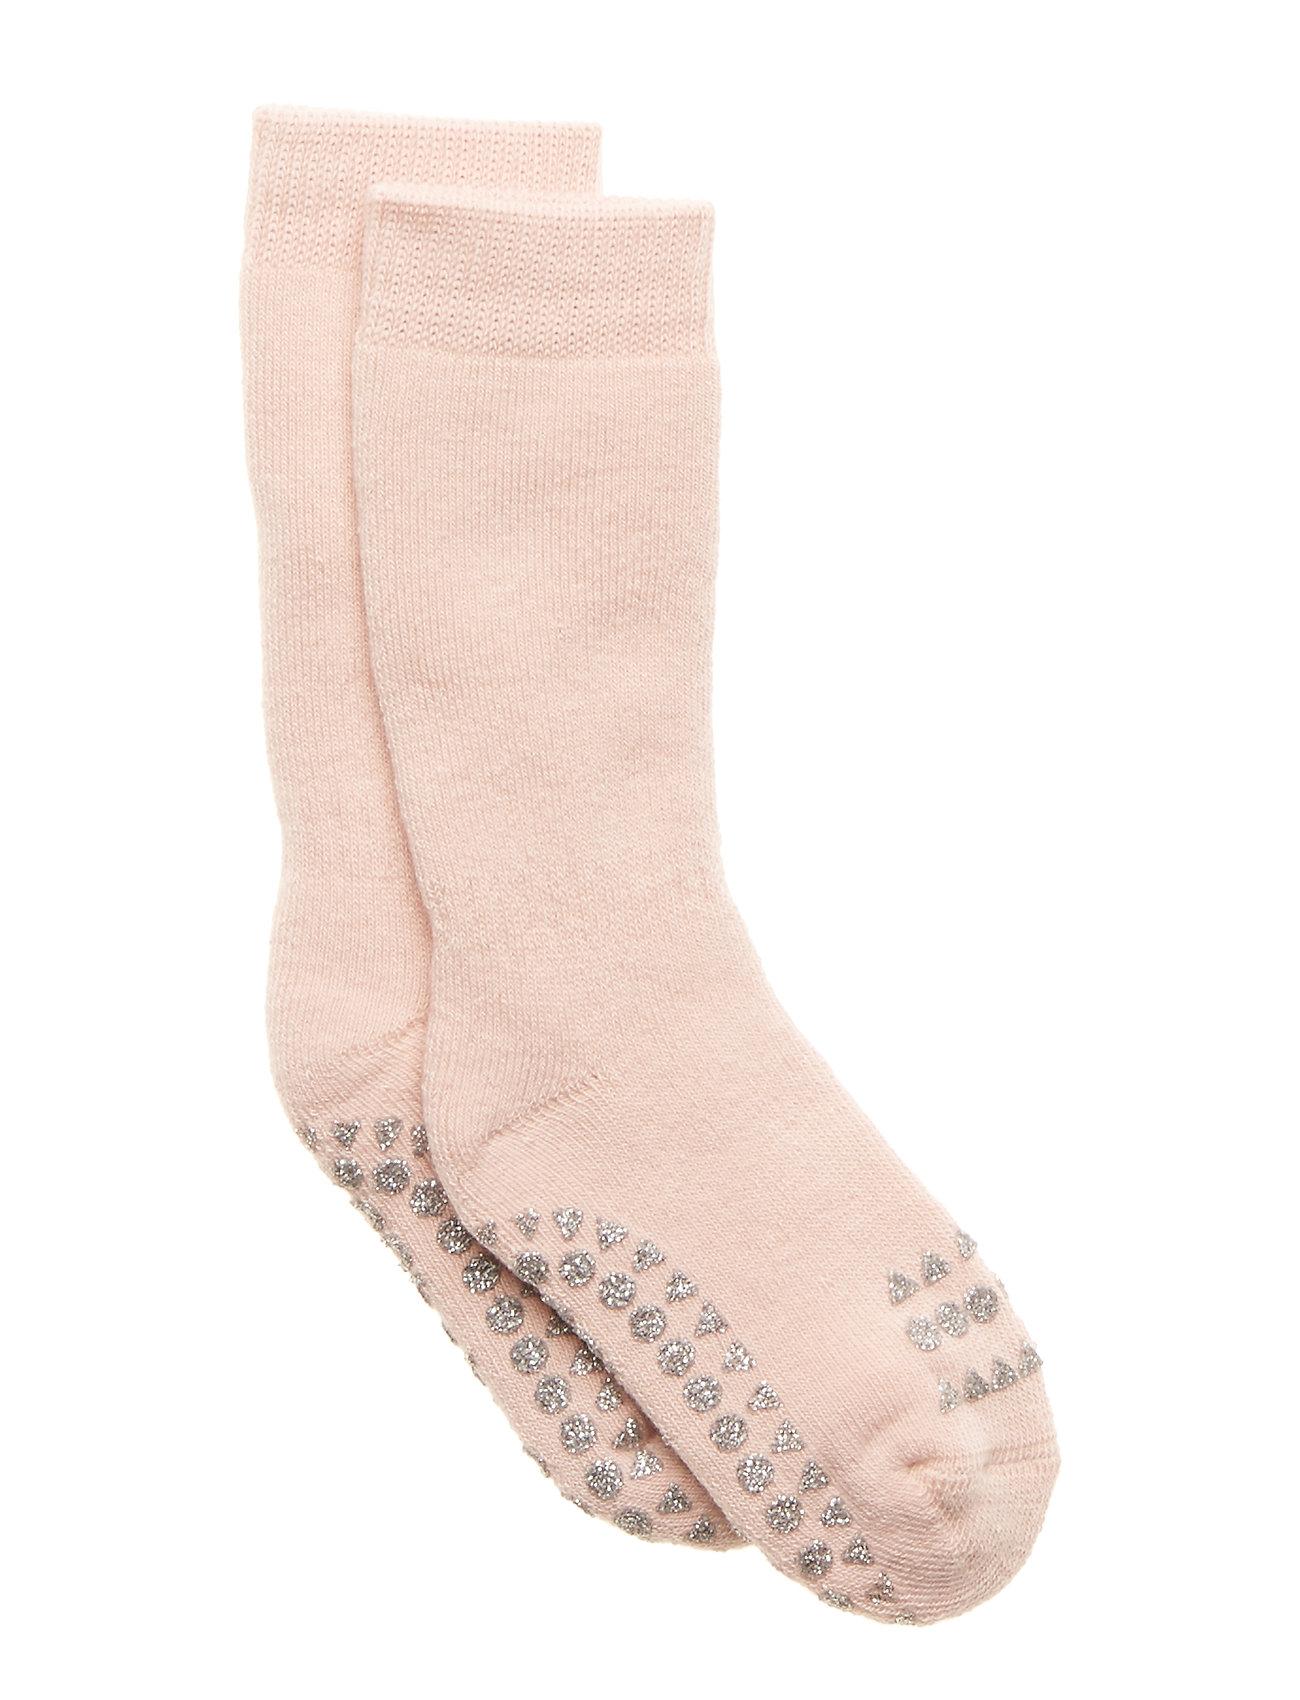 GoBabyGo Socks - SOFT PINK